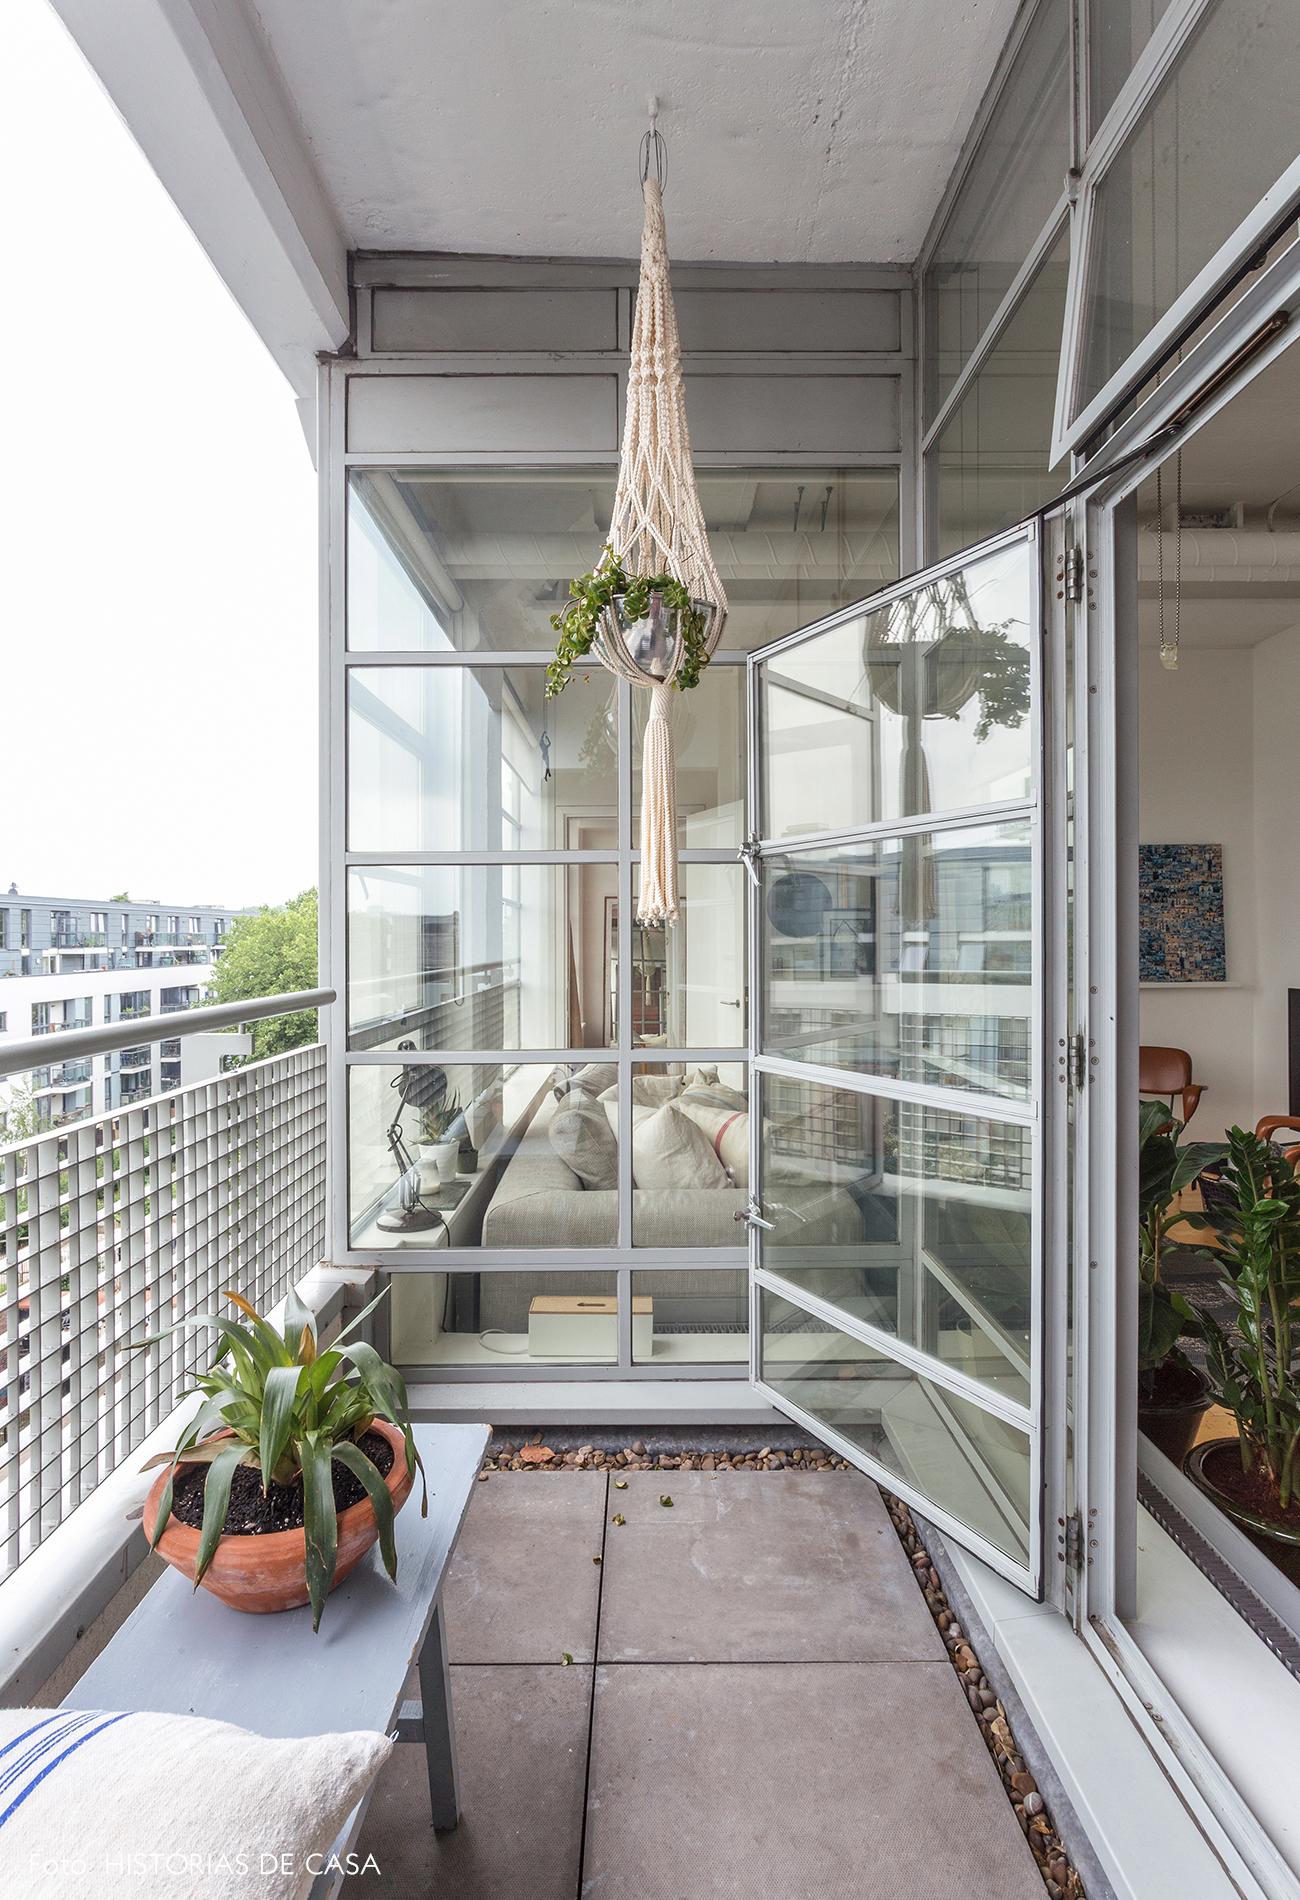 Apartamento com varanda estreita e poucos móveis